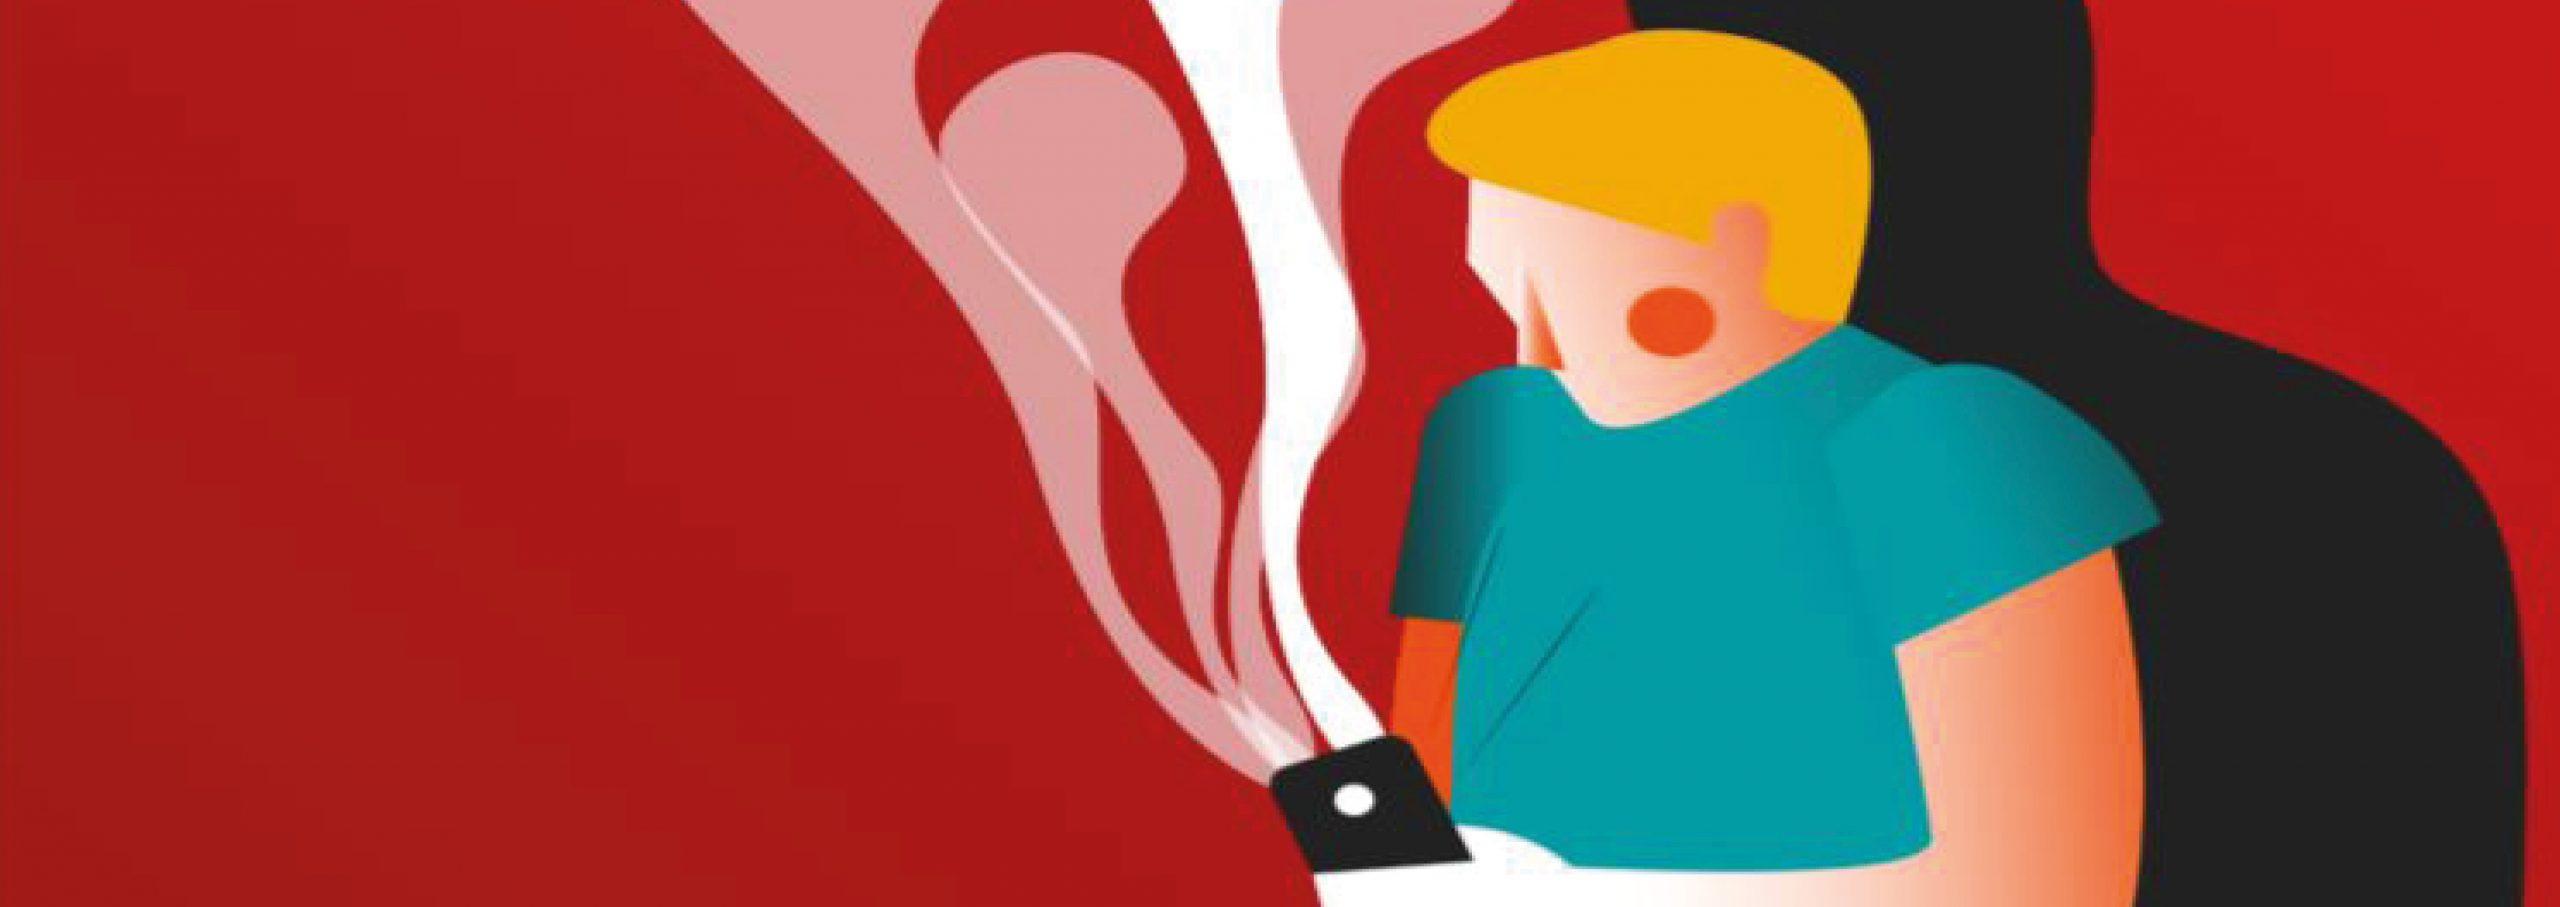 Pelastakaa Lasten raportti: Ääriliikkeet rekrytoivat nuoria erityisesti verkossa